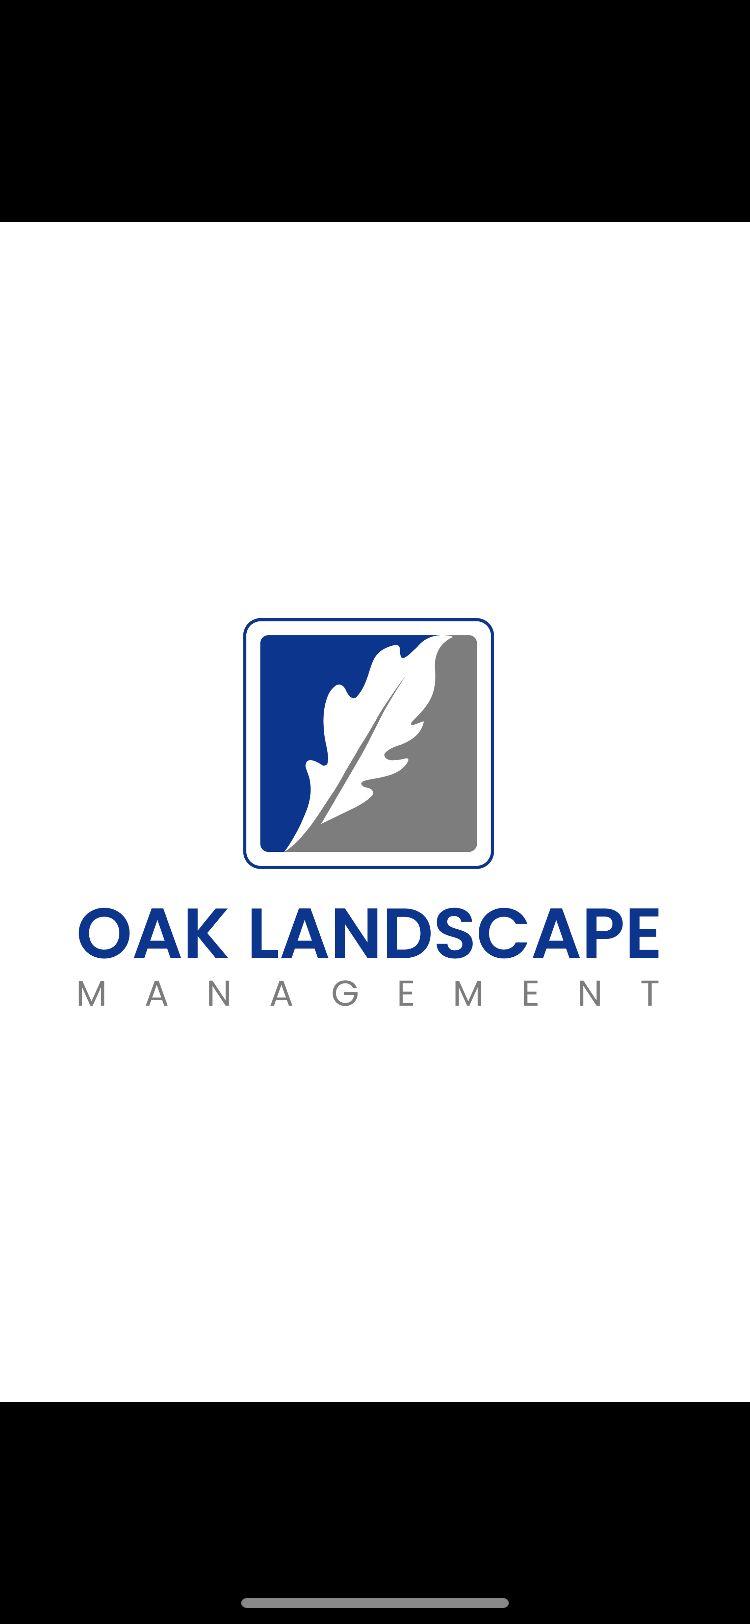 Oak Landscape Management